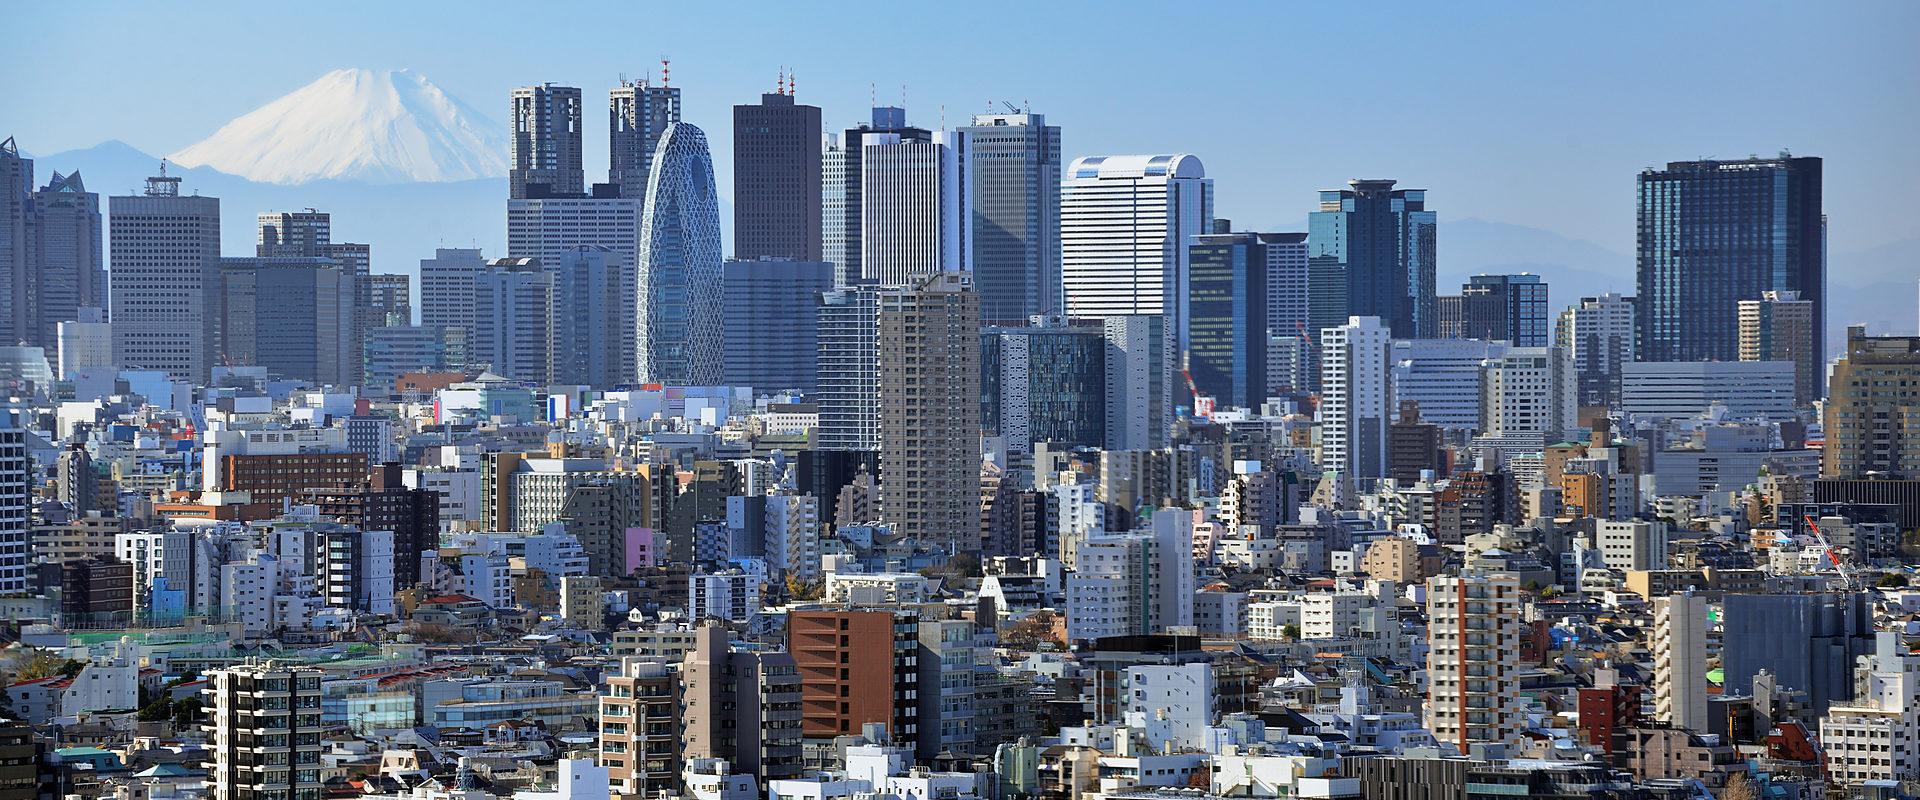 Oportunidades de negocio en Japón: Acuerdo UE-Japón